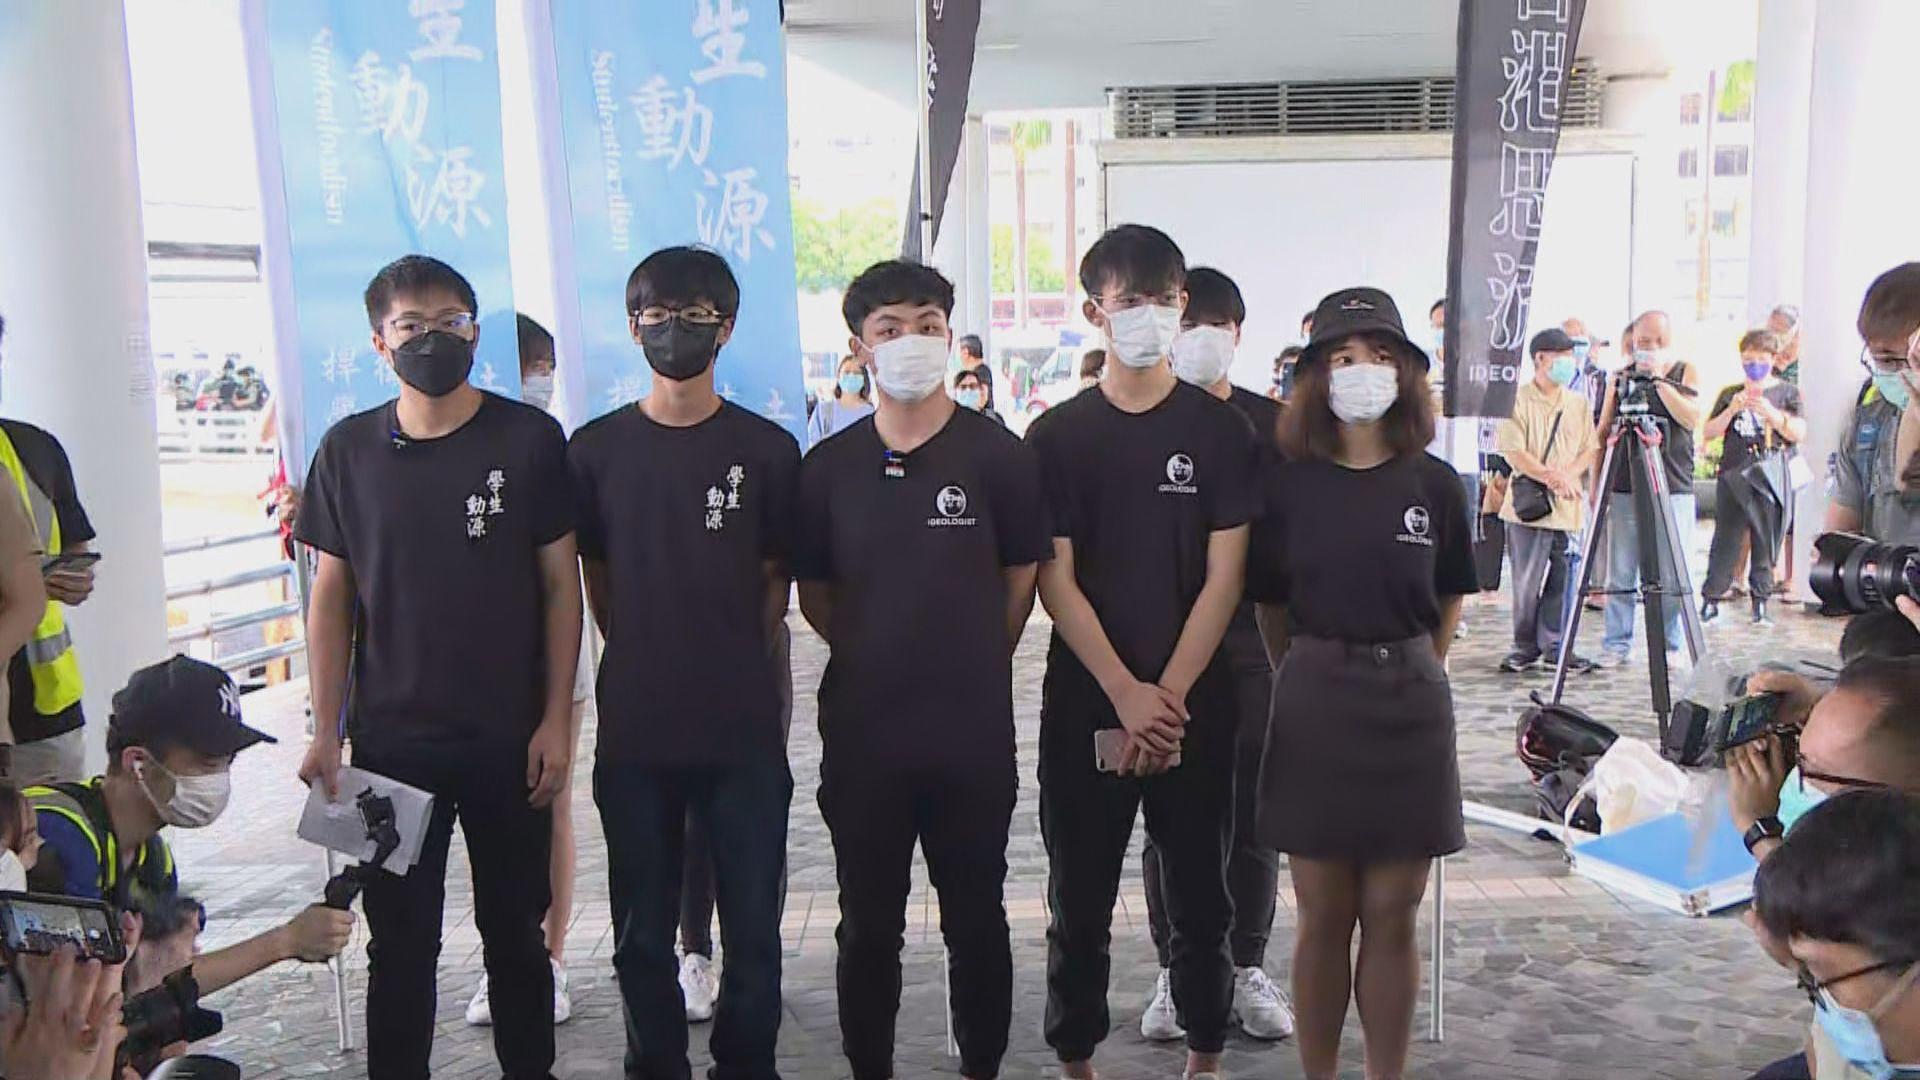 學生動源遊行遭警方反對 防暴警察尖沙咀一帶戒備